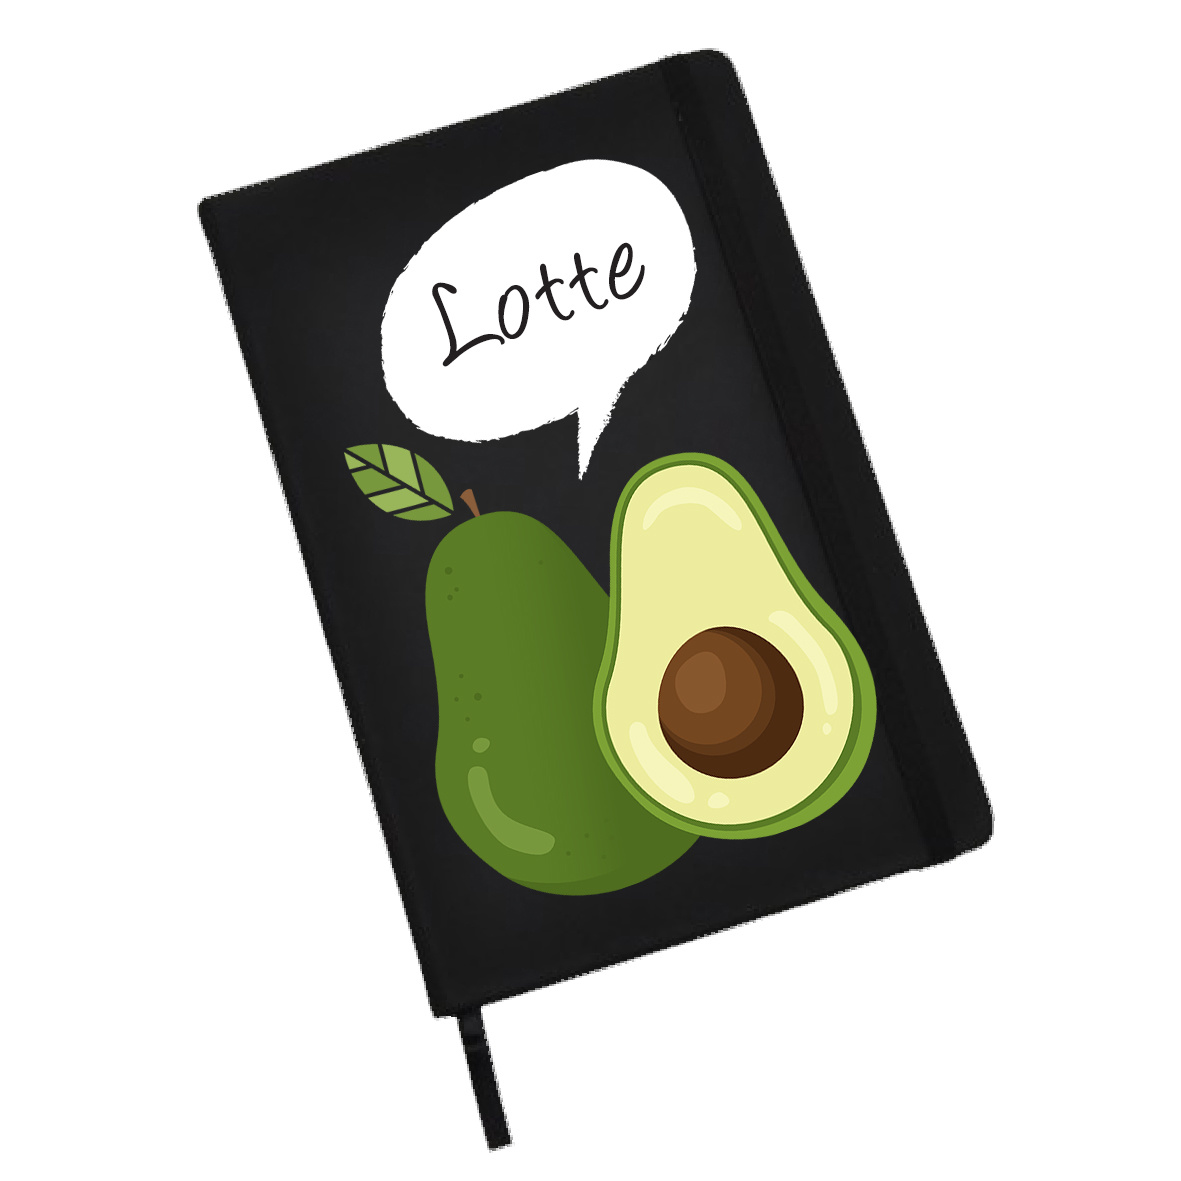 Notitieboekje (groot)  met avocado en naam of andere tekst